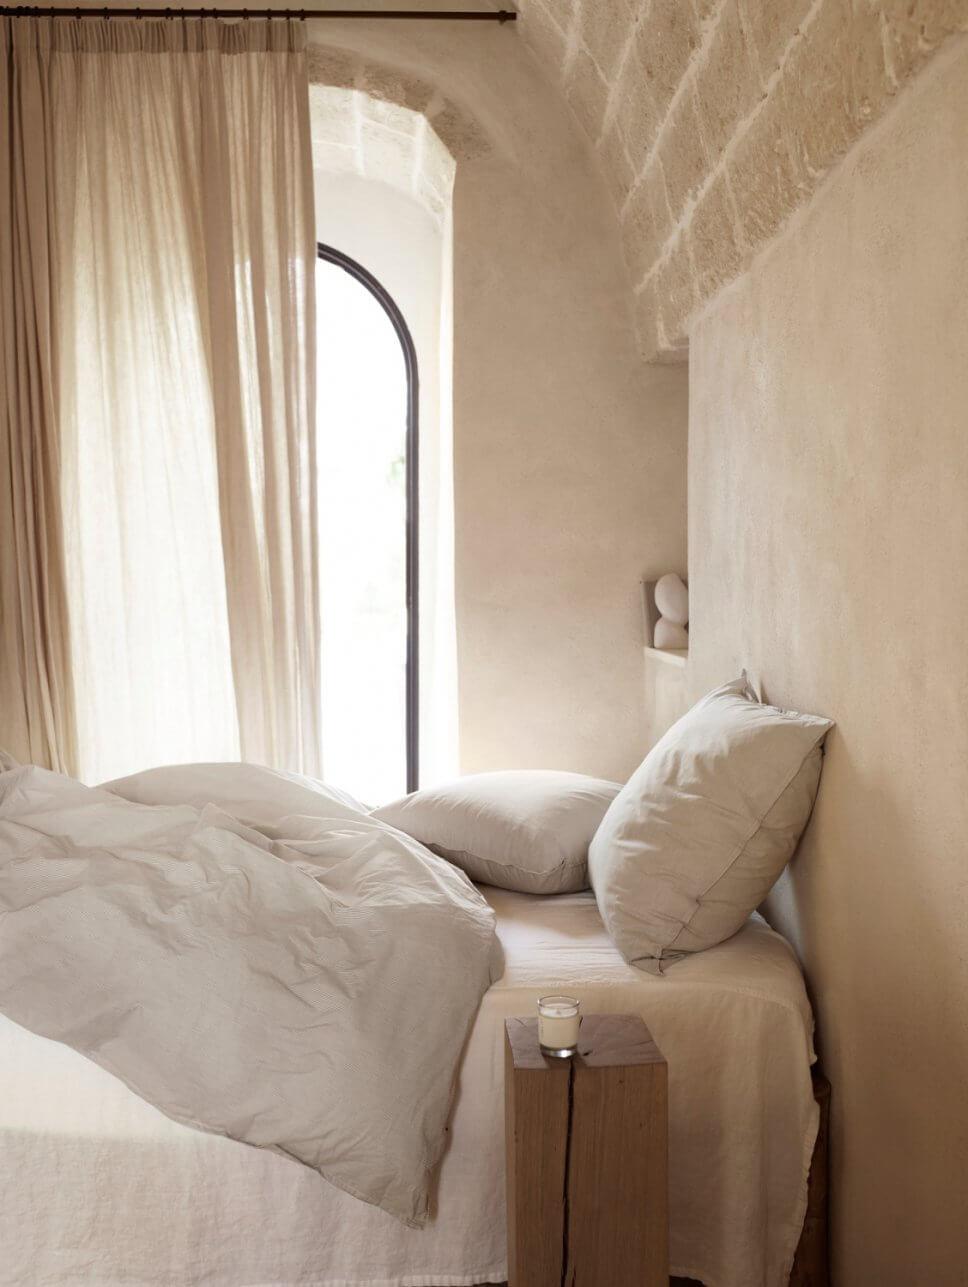 Bett in mediterranem Haus mit steinerner Gewölbedecke